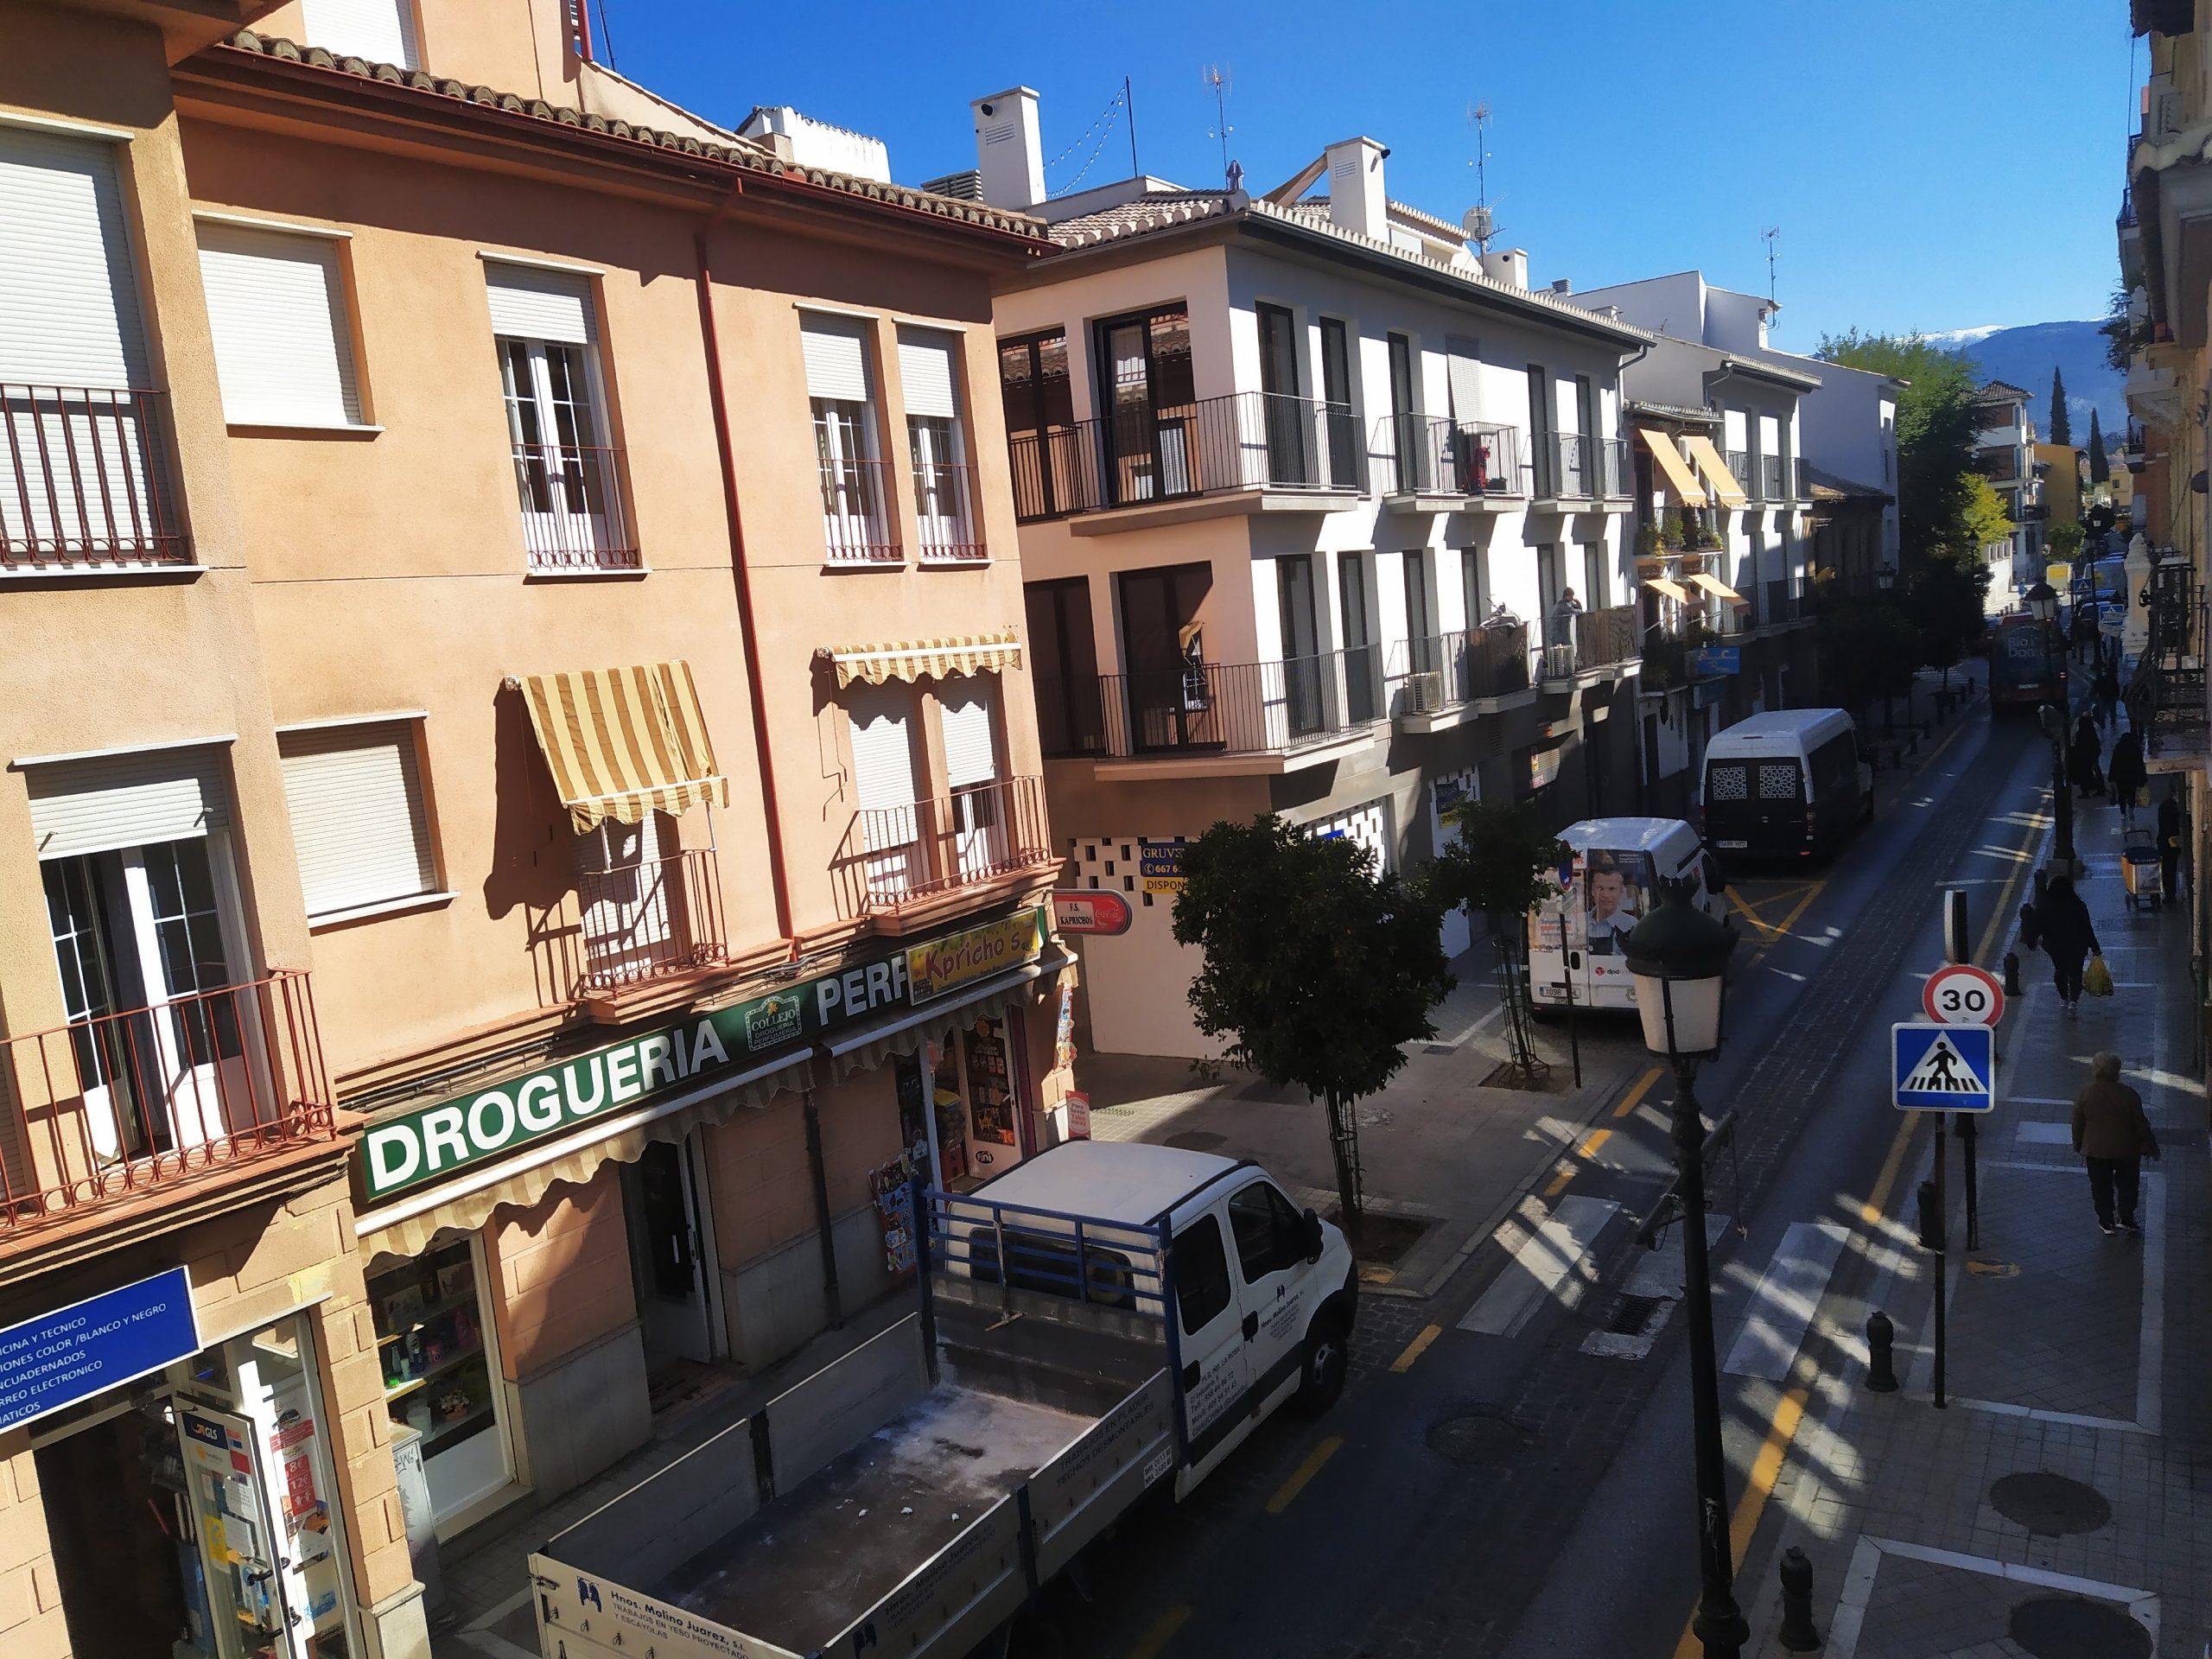 Estudio / Loft en venta en calle Molinos, 42, Granada